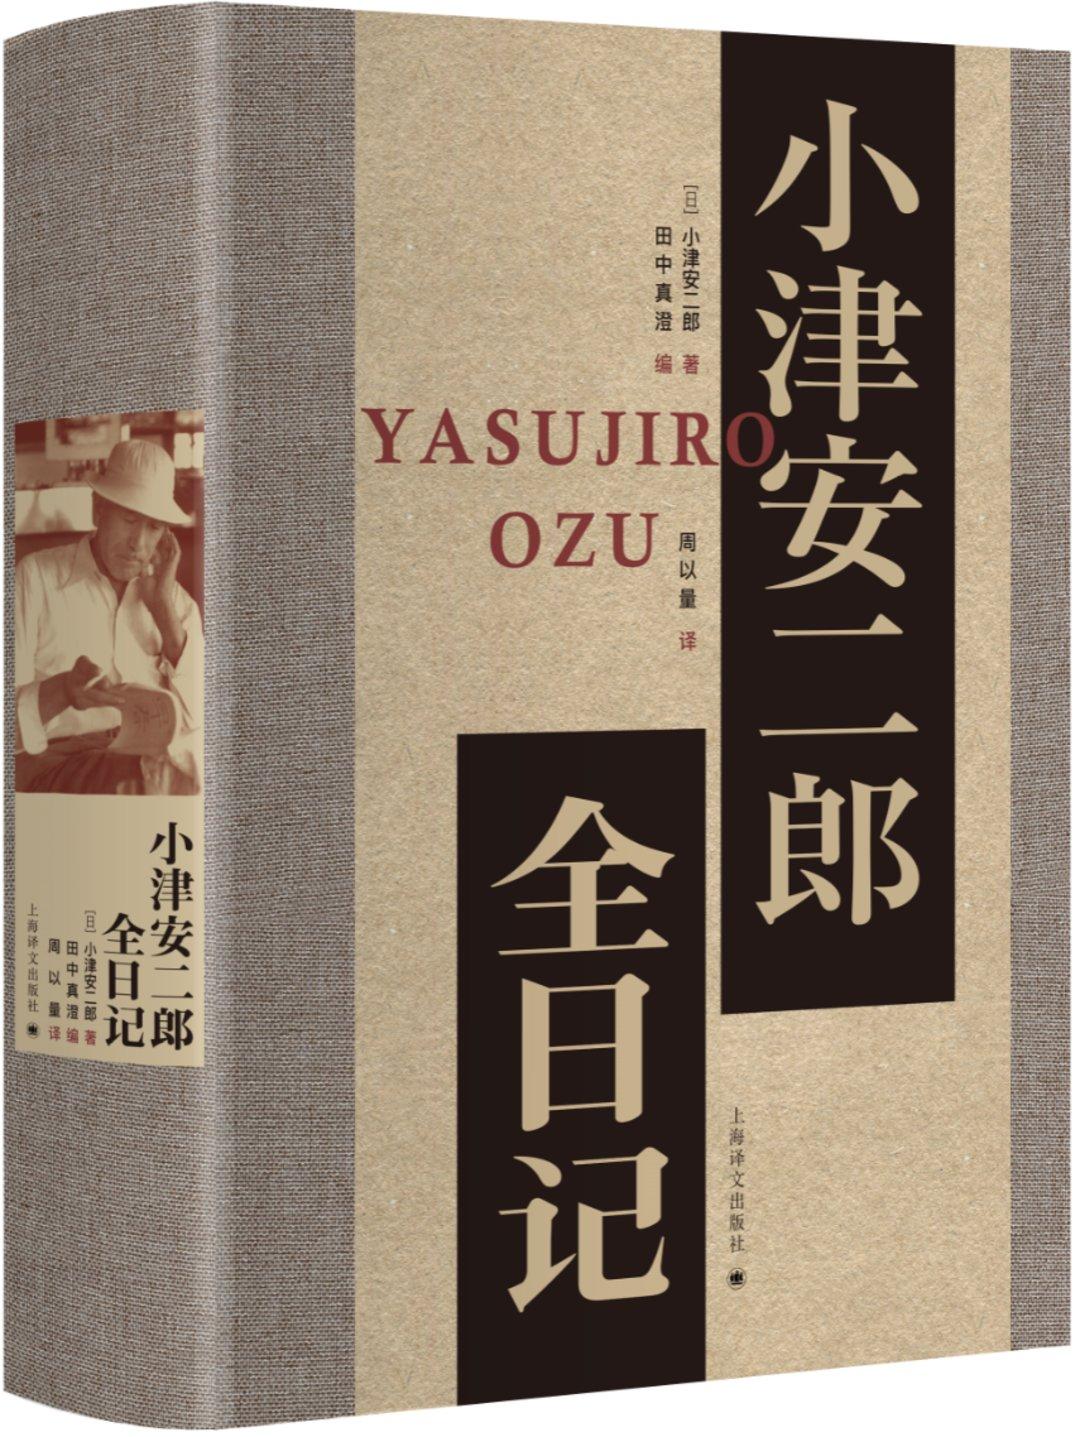 小津安二郎的日记,关于他淡淡的日常生活和行动_娱乐_好奇心日报